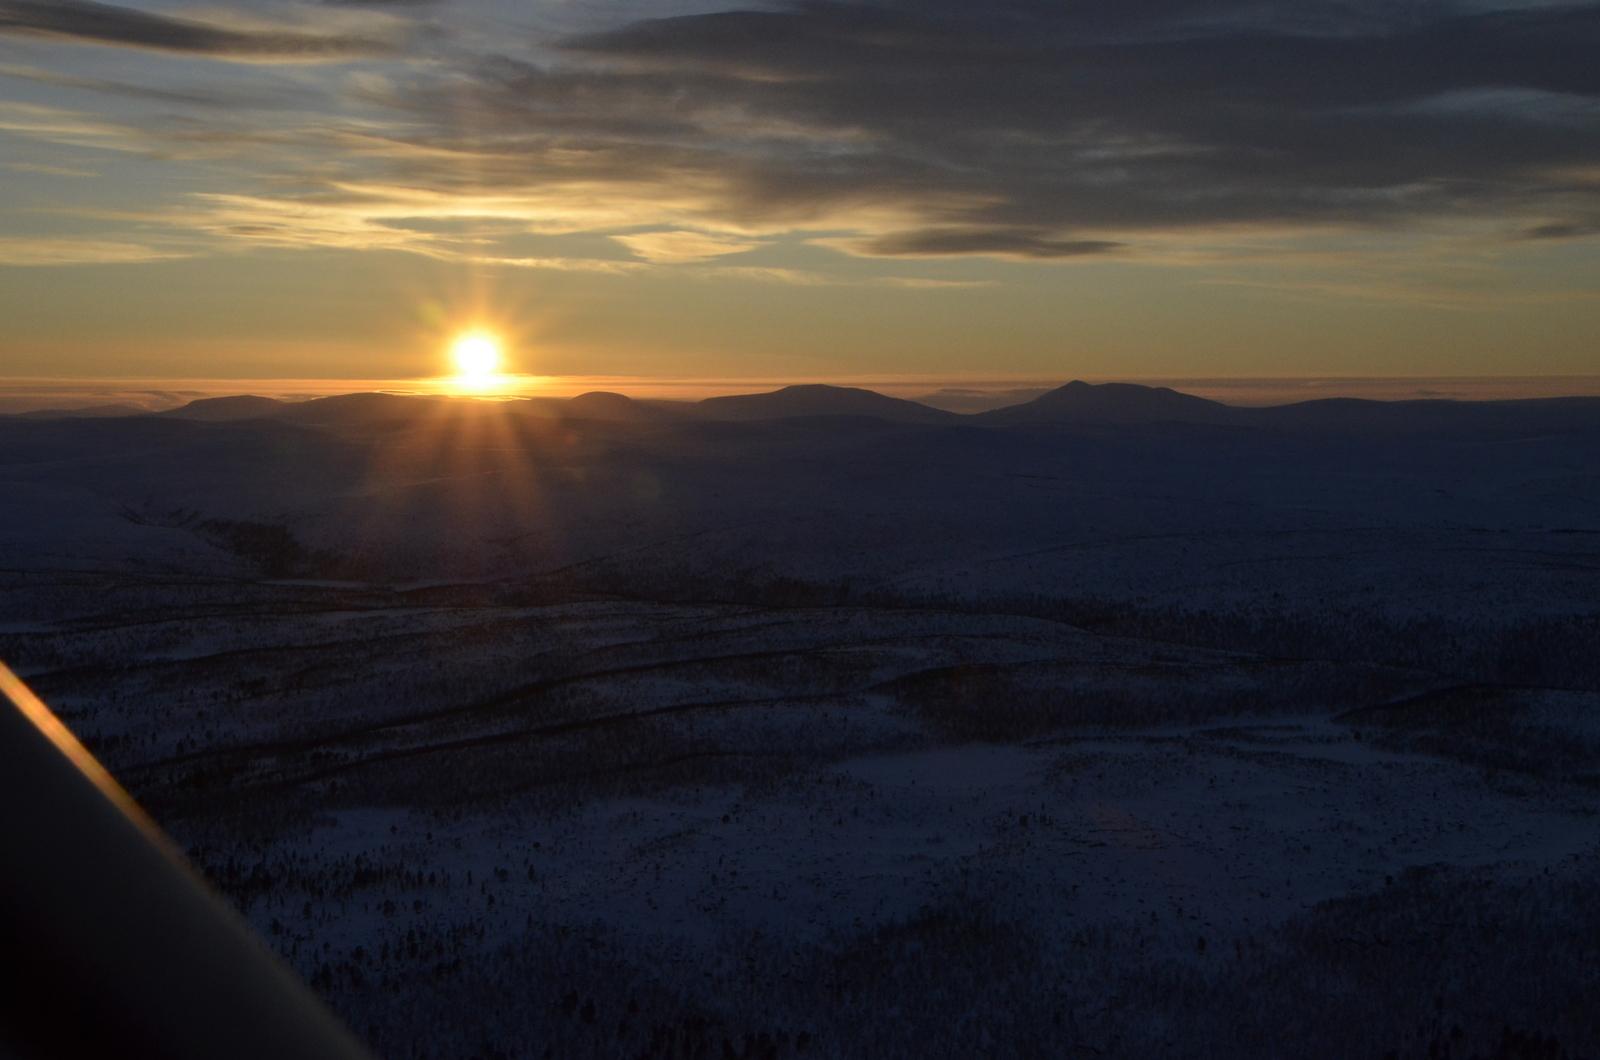 Norjan vuoristoa ja tuntureita, jotka teki ilman tosi turbulenttiseksi? koska tuuli tuolta suunnalta.